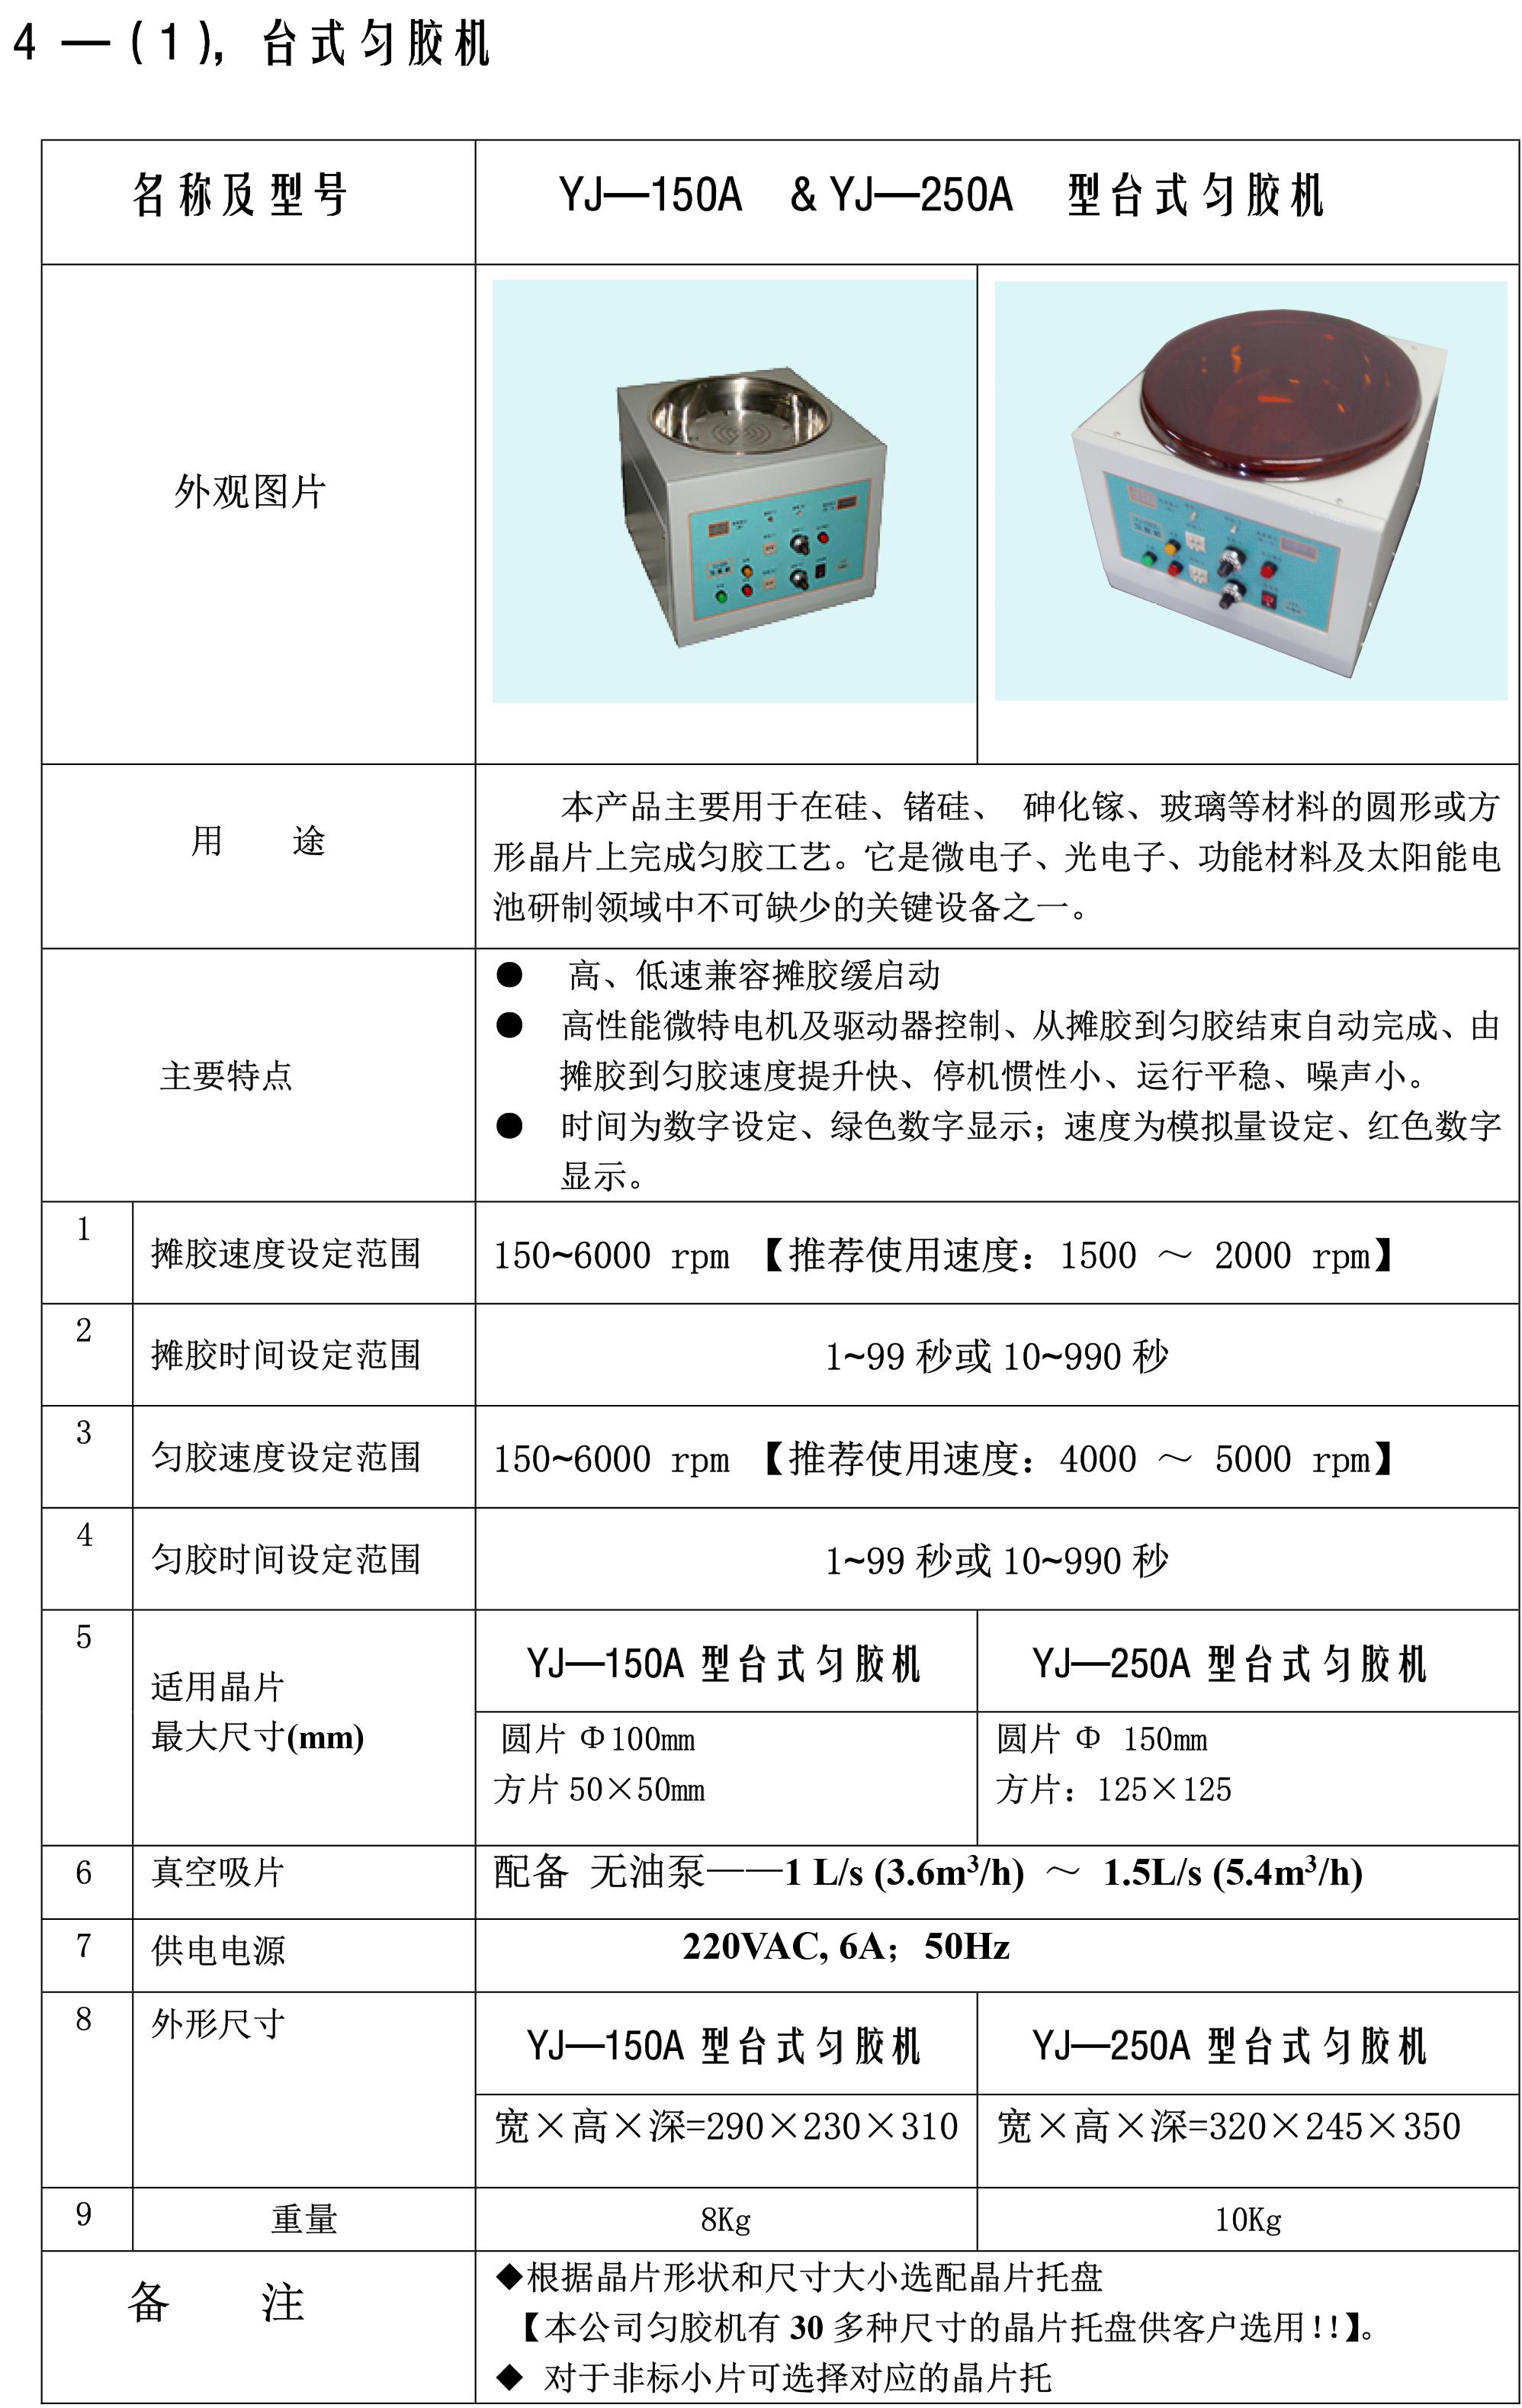 網站產品參數圖片-004臺式勻膠機